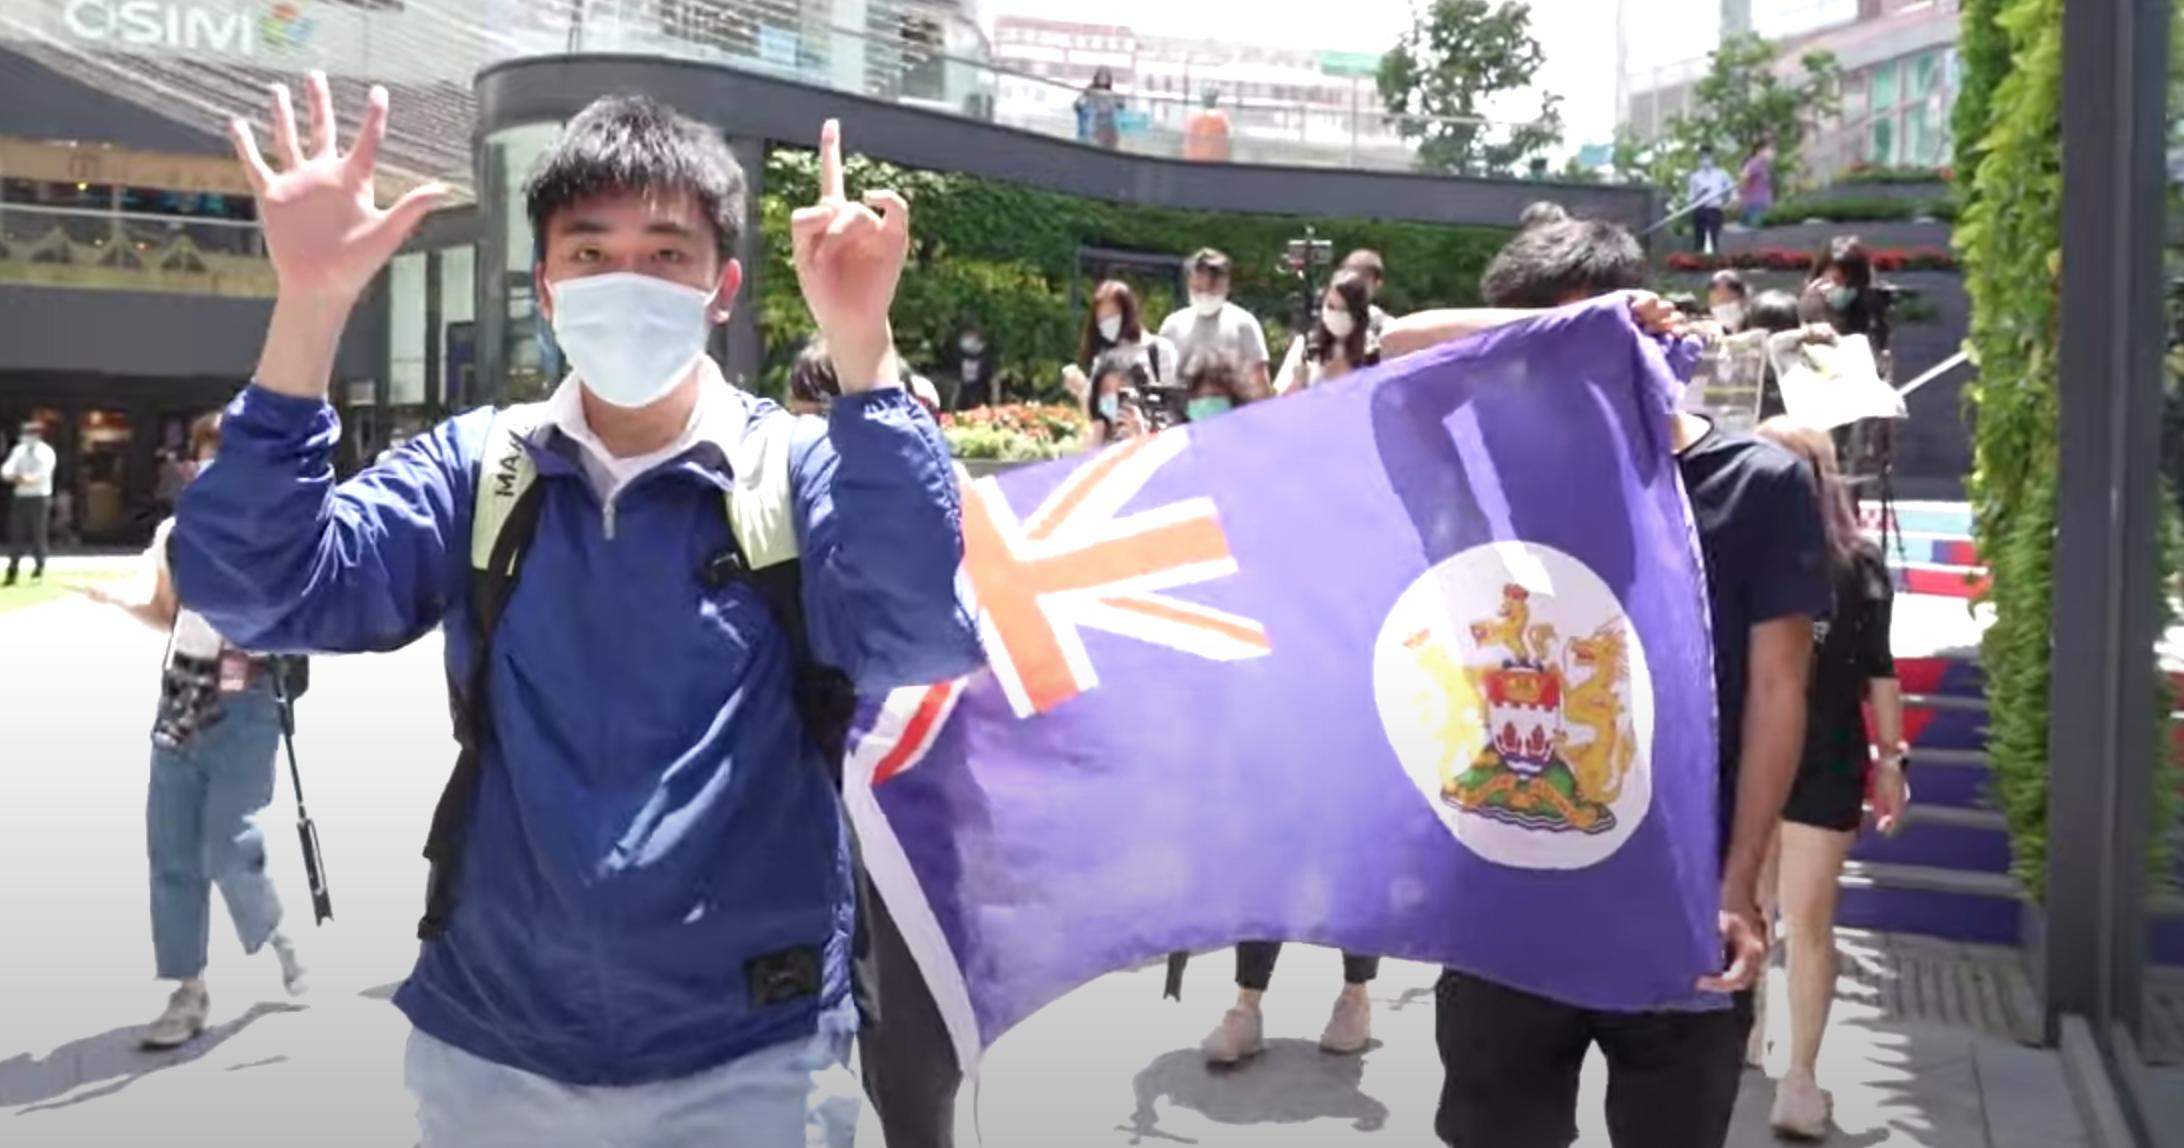 今日(6月3日),有網民發起葵涌「和你Lunch」抗爭活動。有人高舉象徵港英時代的「龍獅旗」及BNO護照,並高呼「結束一黨專政、打倒共產黨」,「五大訴求、缺一不可」等口號。(影片截圖)